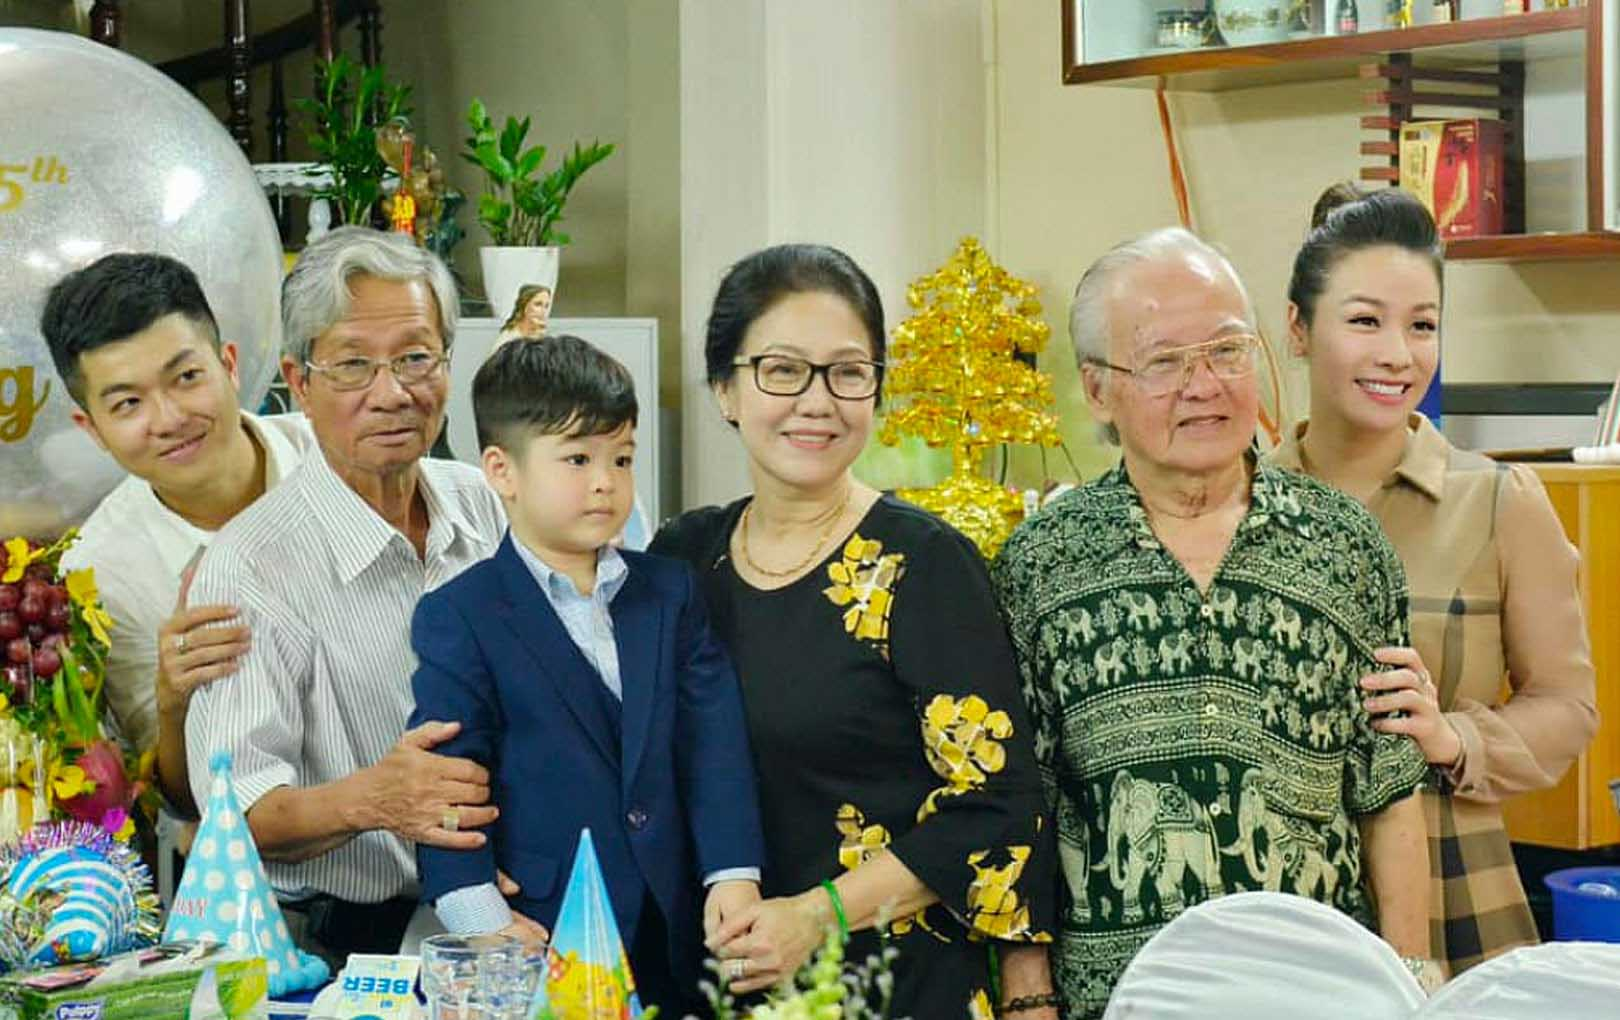 Ồn ào cuộc chiến giành quyền nuôi con của sao Việt: đấu tố, công khai góc khuất nhưng vẫn không giành được quyền nuôi con - Ảnh 4